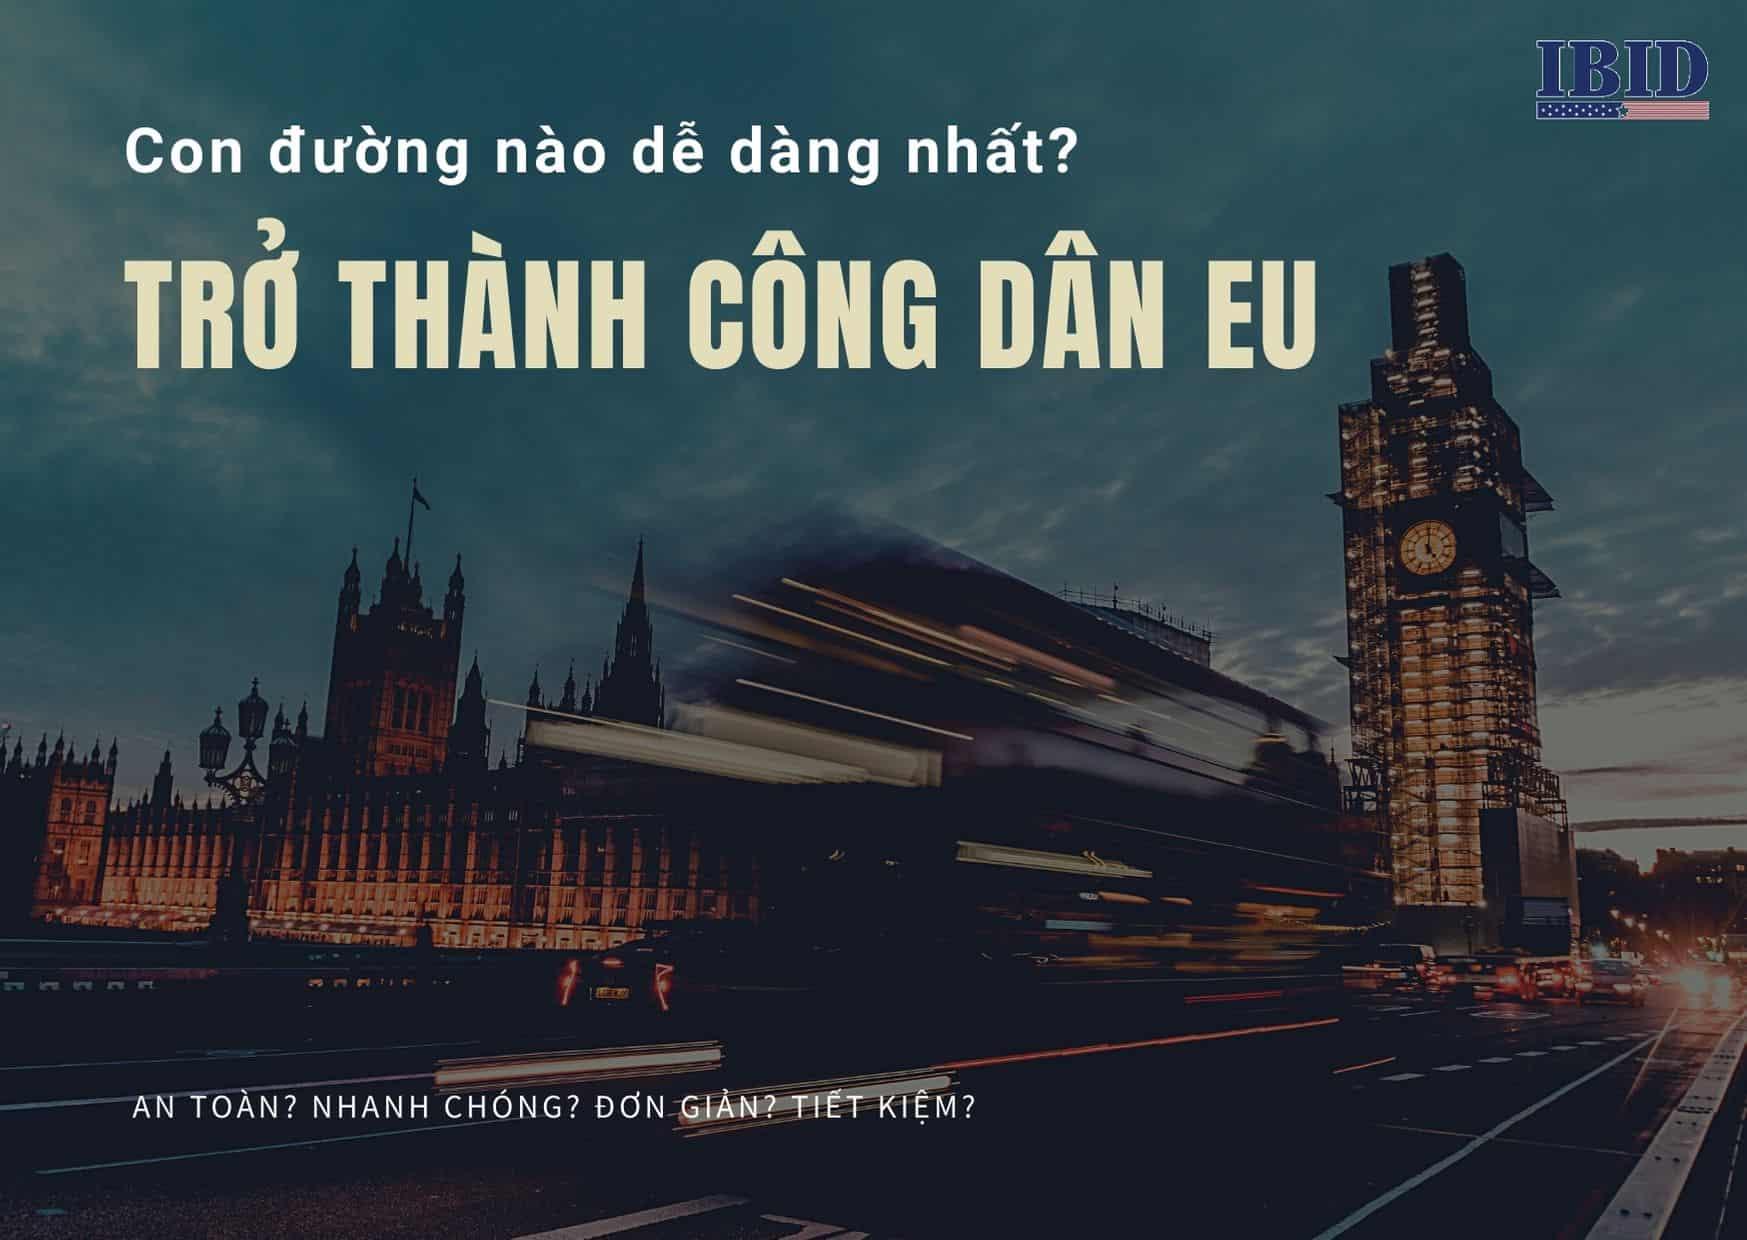 Đâu là con đường dễ dàng nhất trở thành công dân EU đích thực?